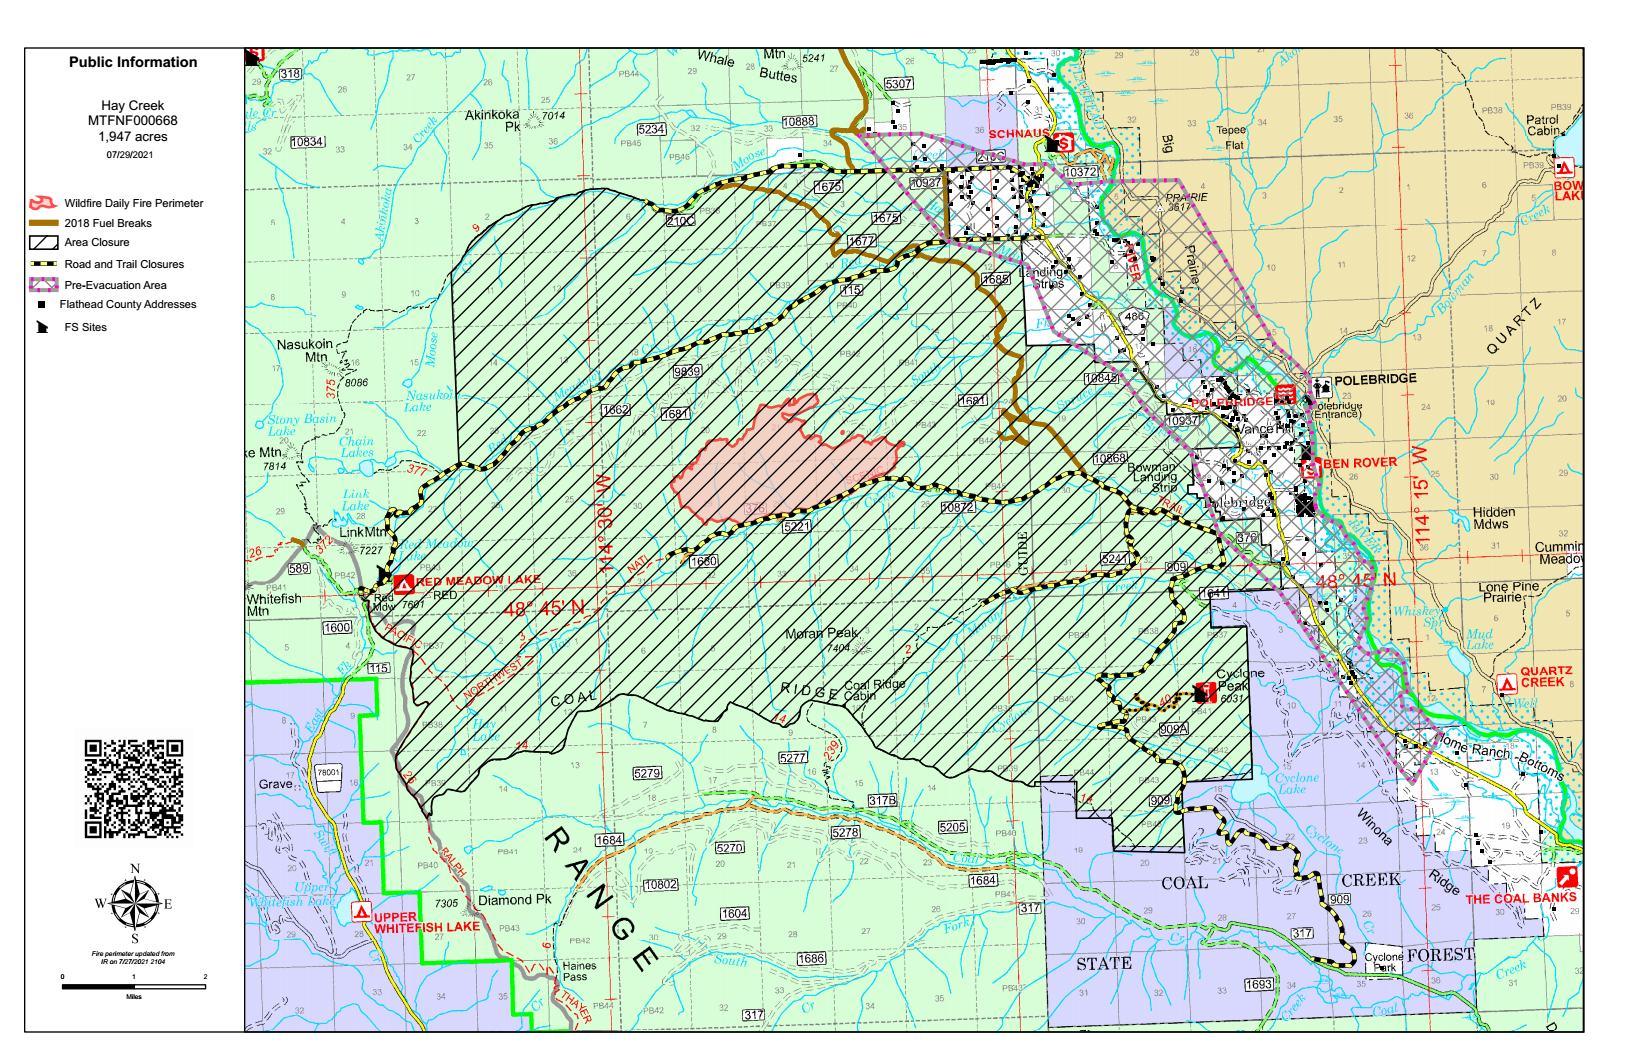 July 29, 2021 Hay Creek Fire Map